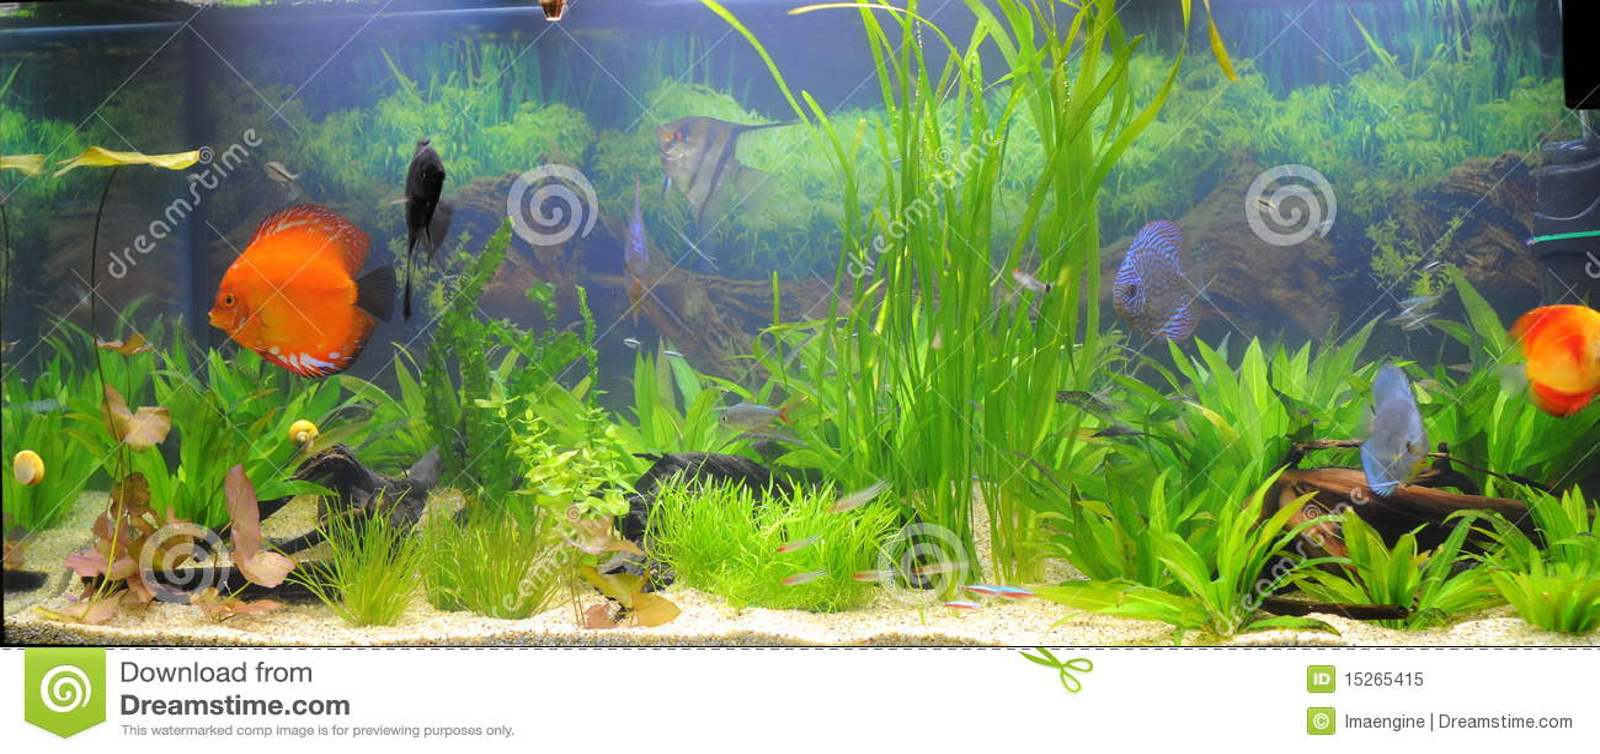 pesci acquario tropicali immagine stock immagine di